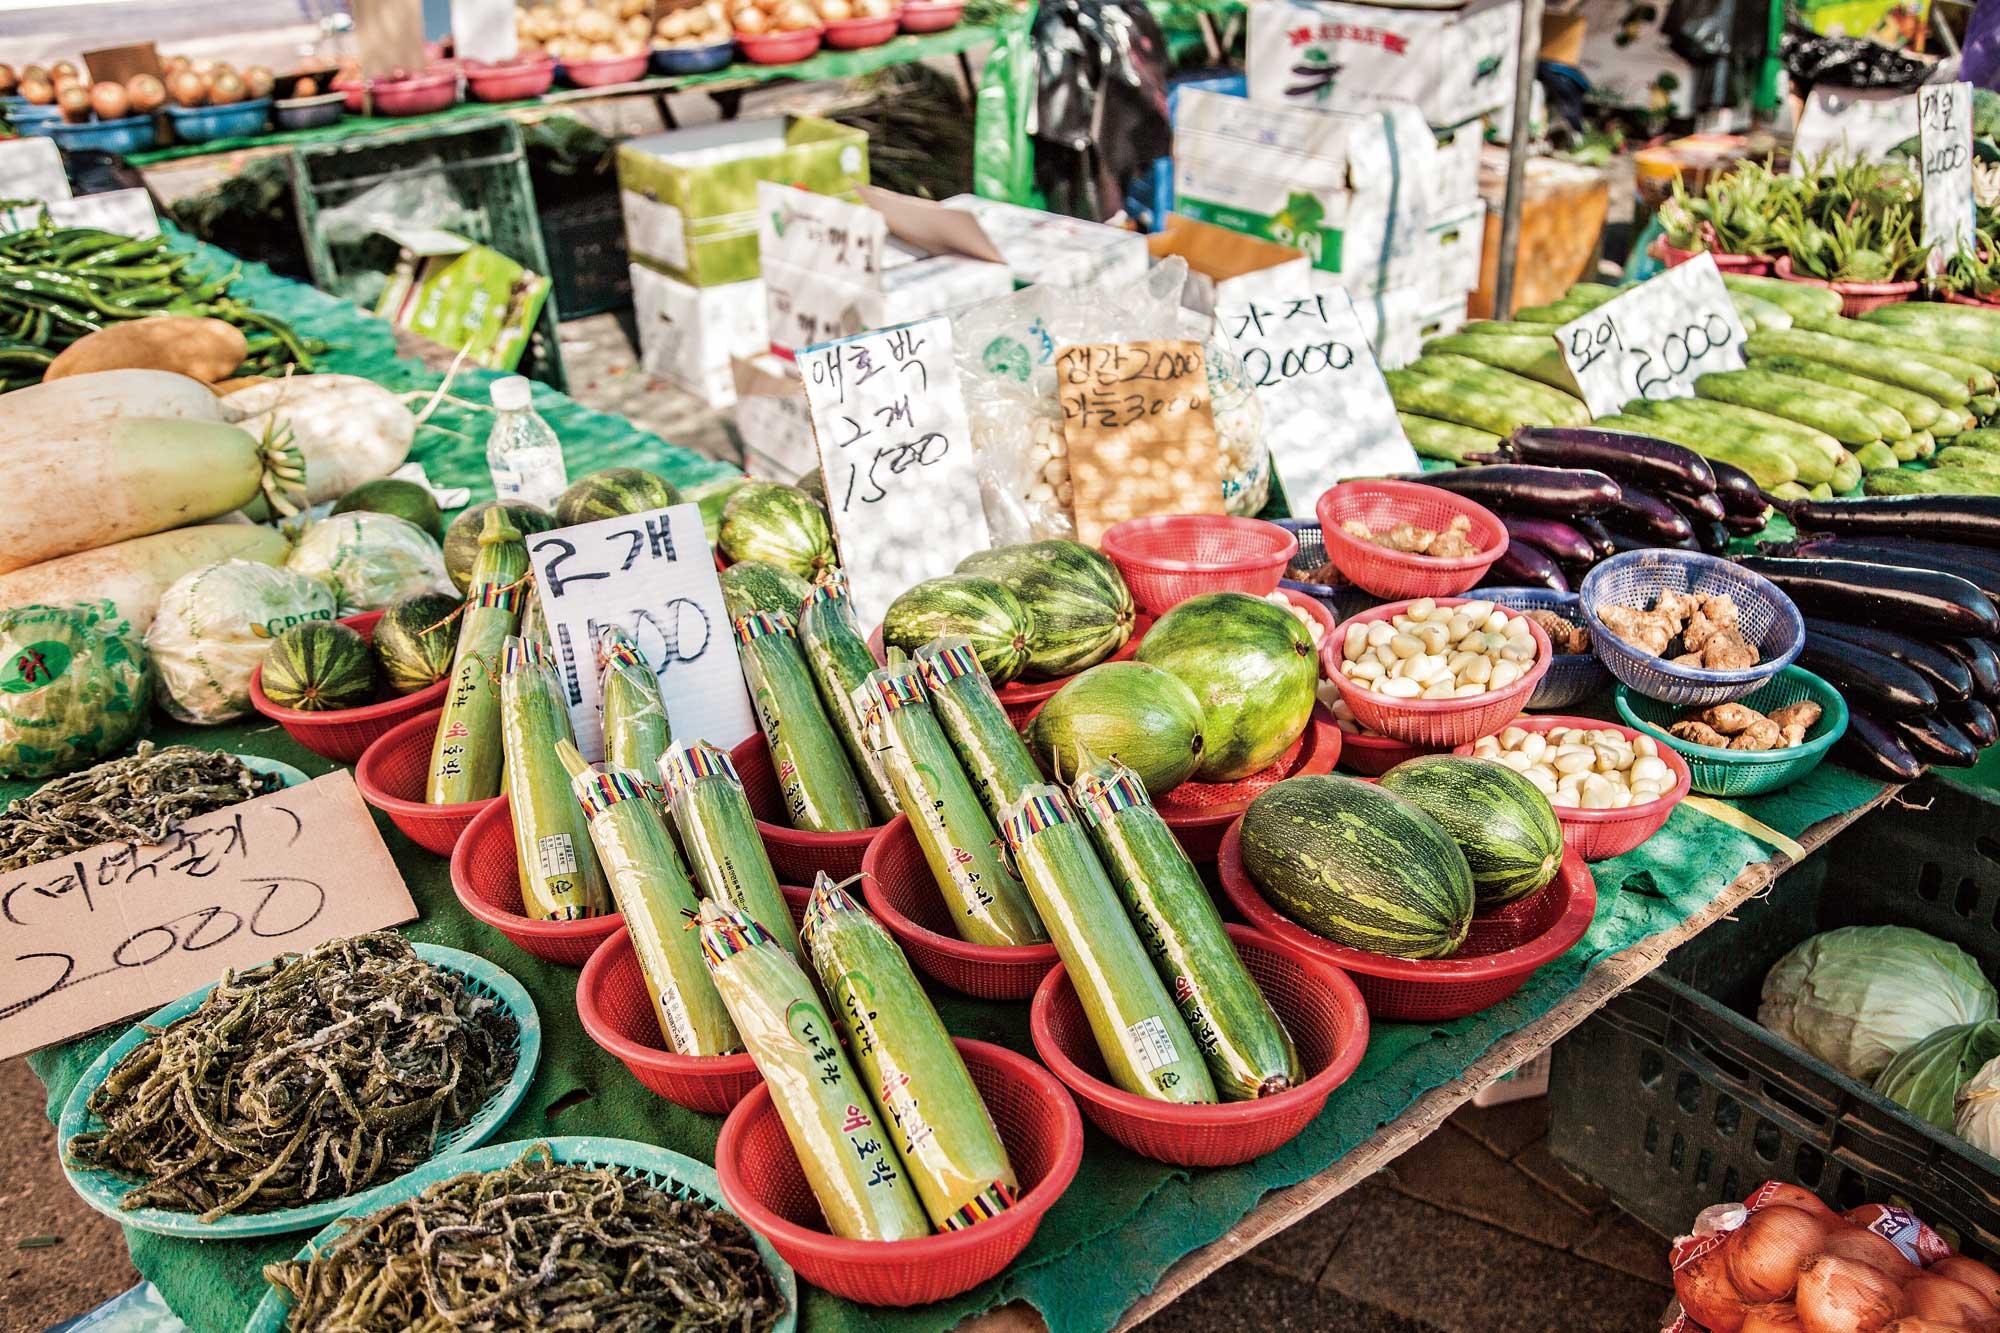 양평 재래시장의 푸드 마일리지 제로Zero 친환경 농산물들. ©현관욱